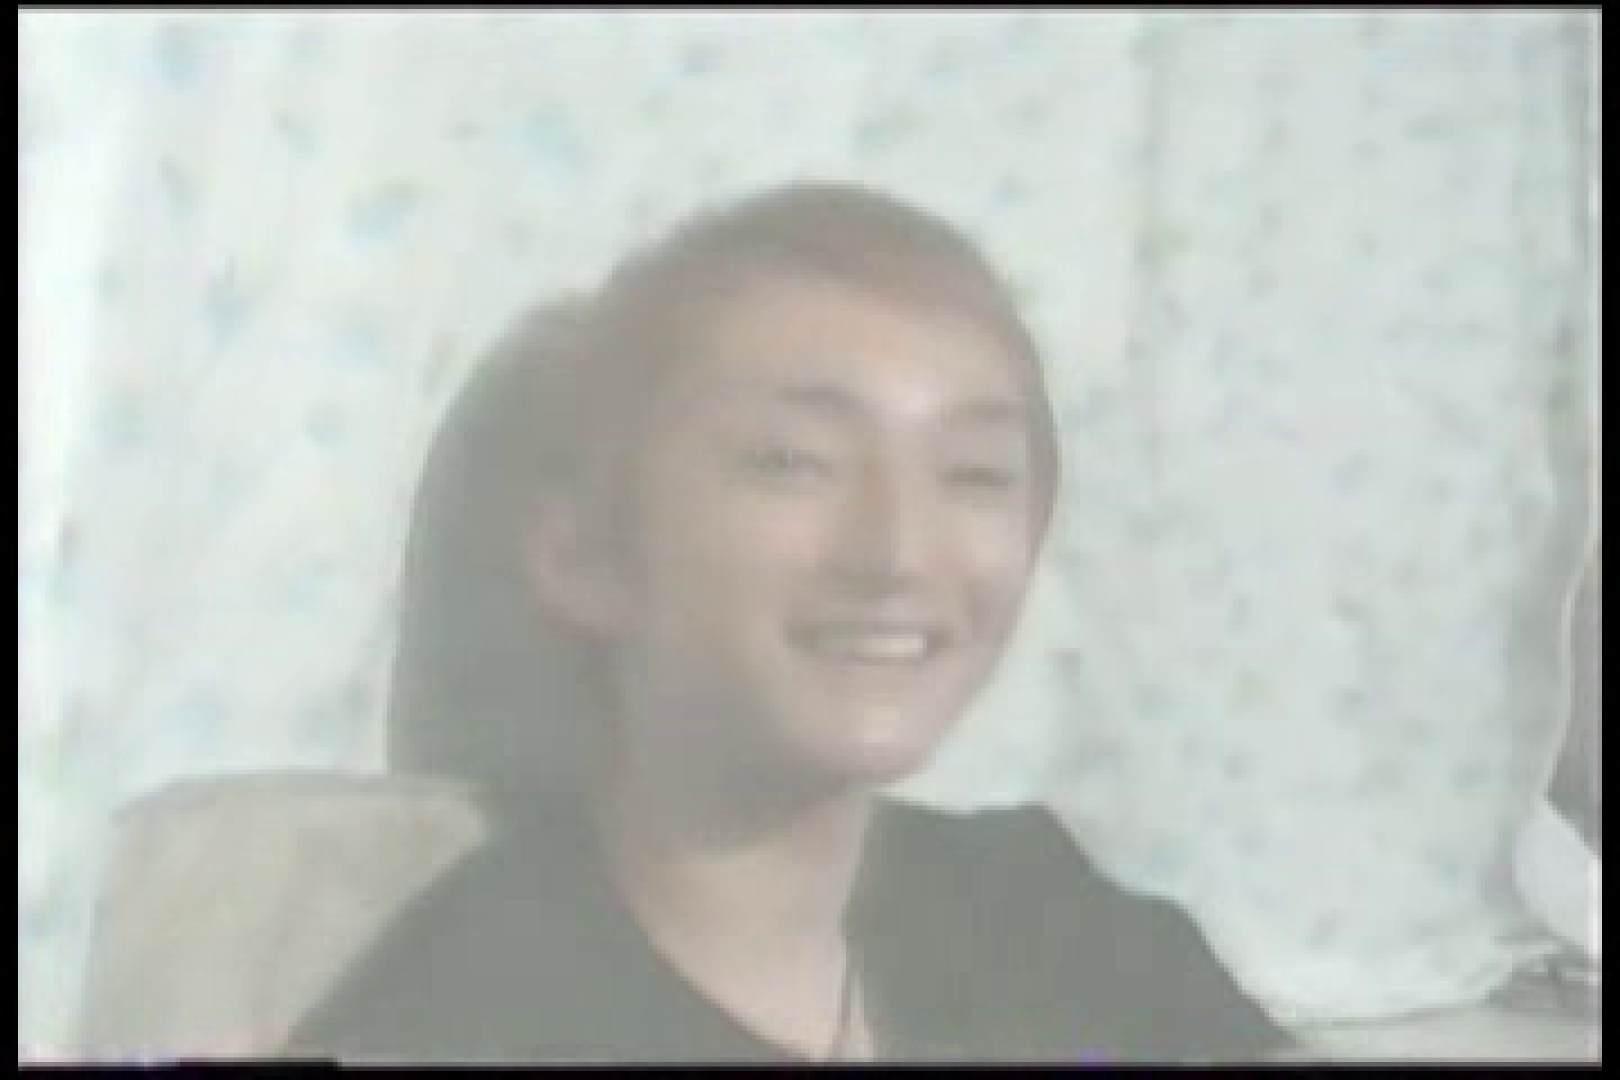 【流出】アイドルを目指したジャニ系イケメンの過去 射精天国 ゲイアダルトビデオ画像 72pic 53